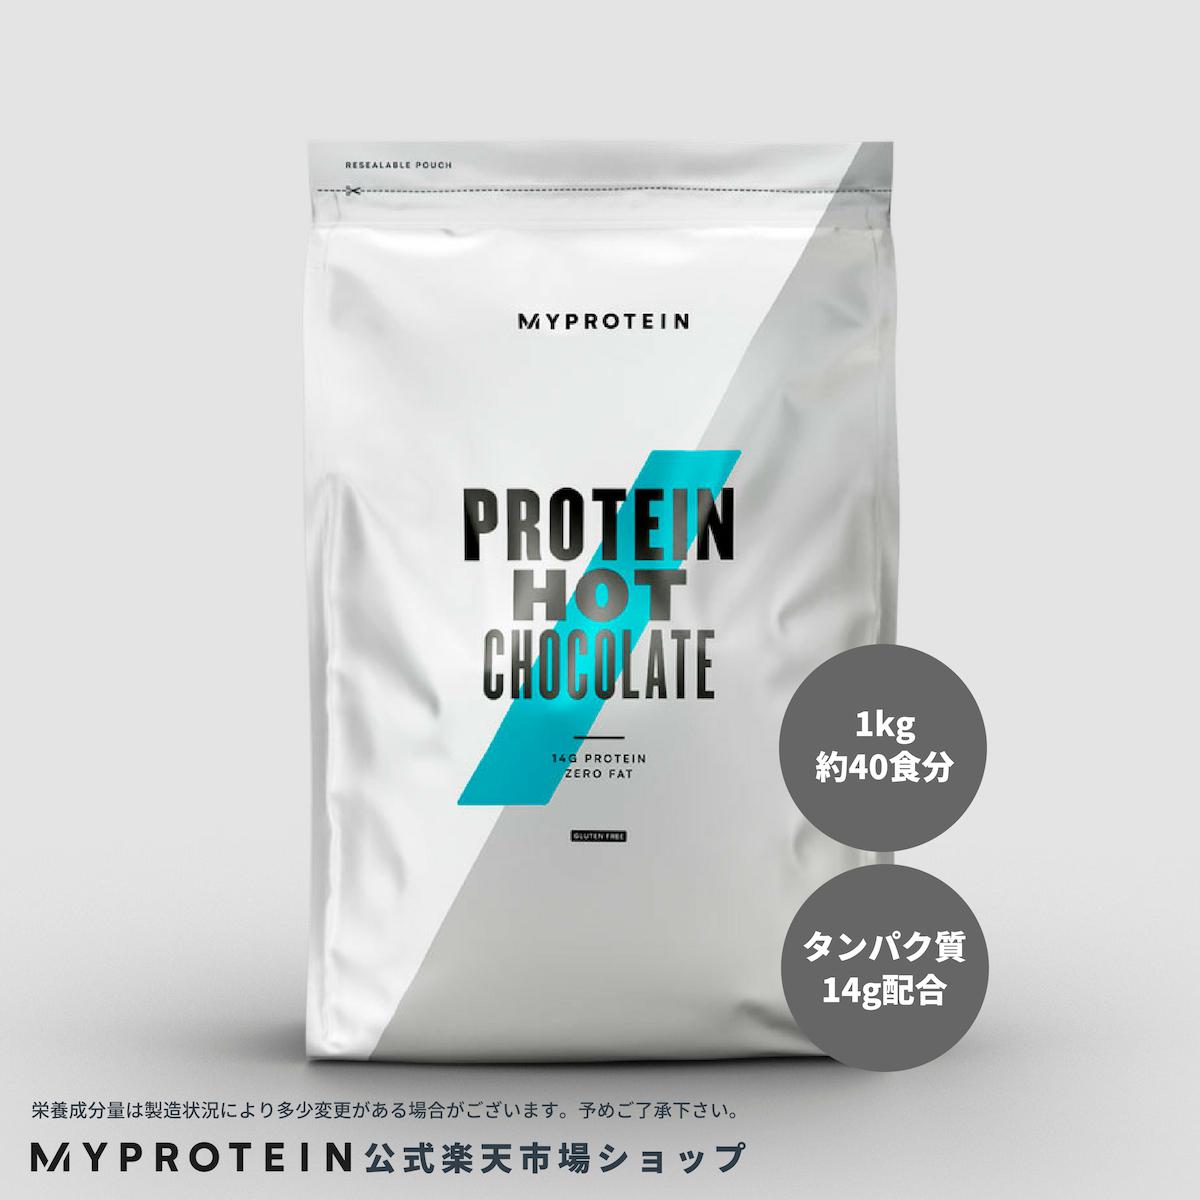 マイプロテイン 公式 【MyProtein】 プロテイン ホット チョコレート 1kg 40食分| プロテインドリンク ココア 低脂肪 高たんぱく【楽天海外直送】